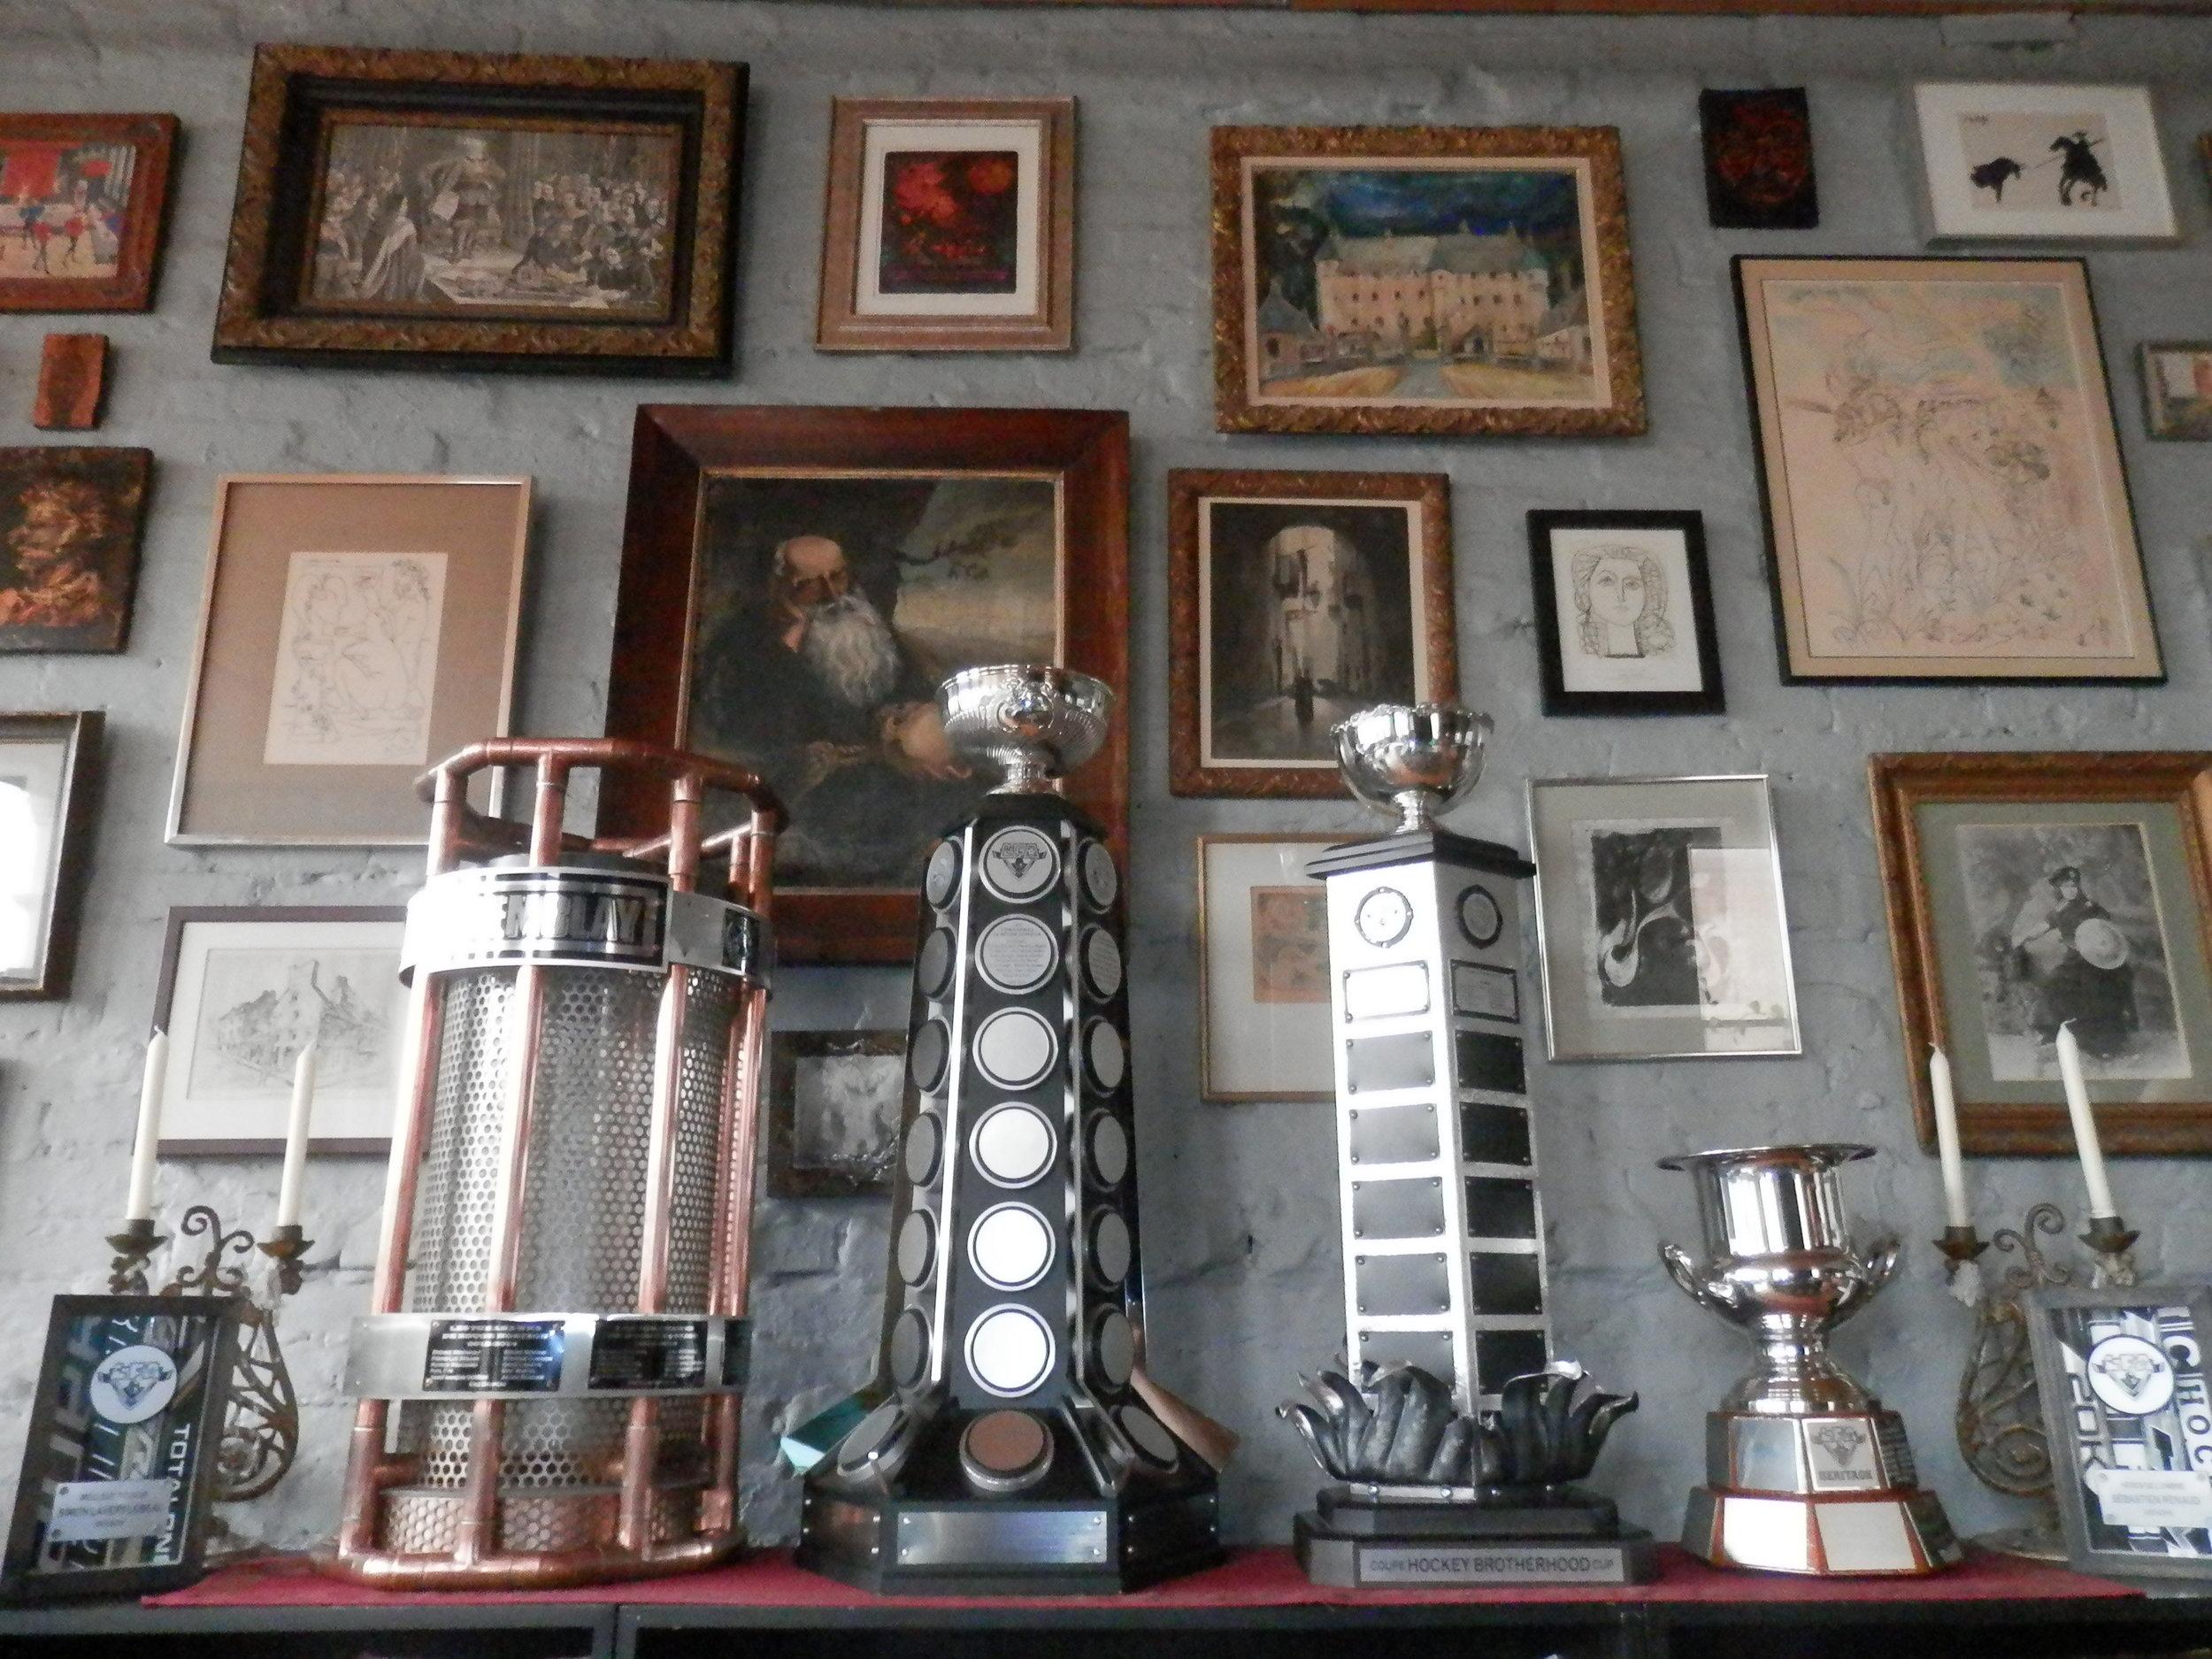 Venez admirer the lfa trophy collection jeudi lors de notre bbq pré-saison (photo jfd)